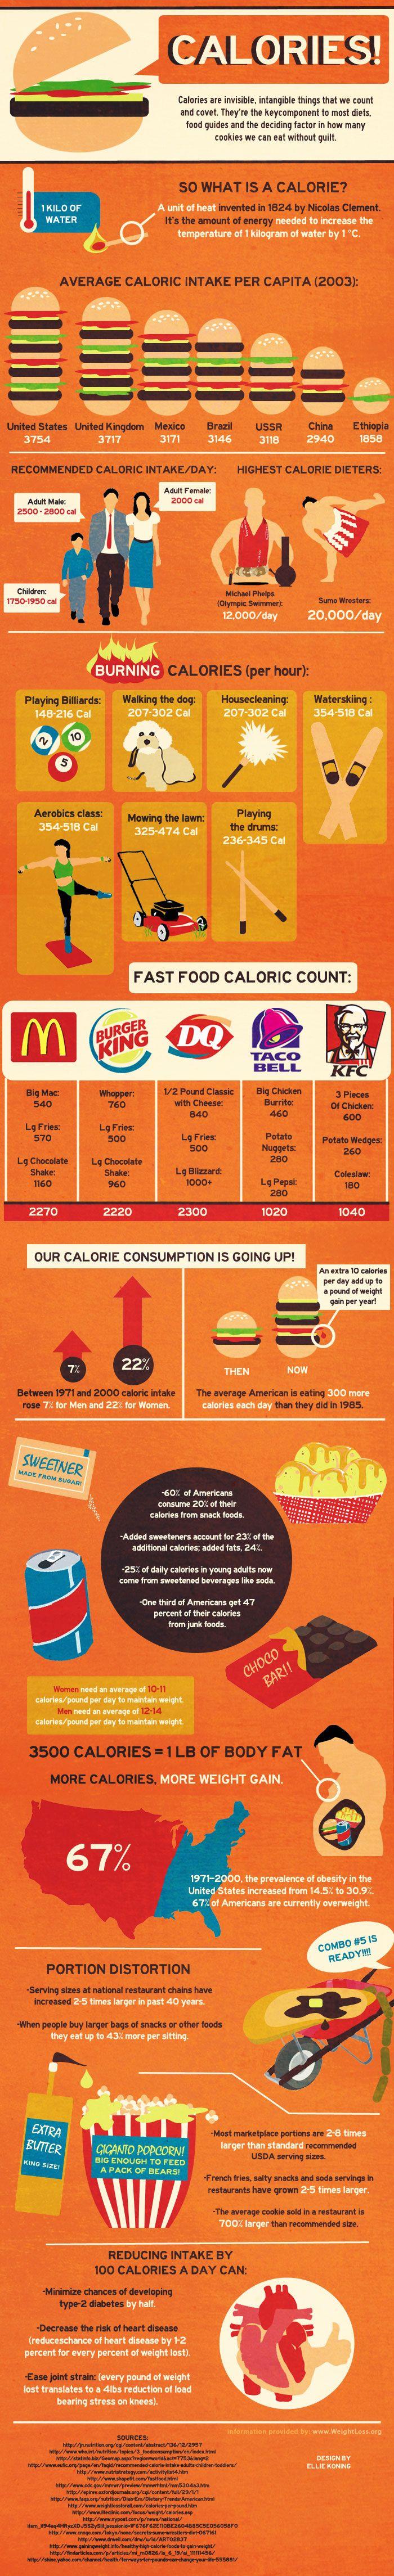 Clarifying calories #calories